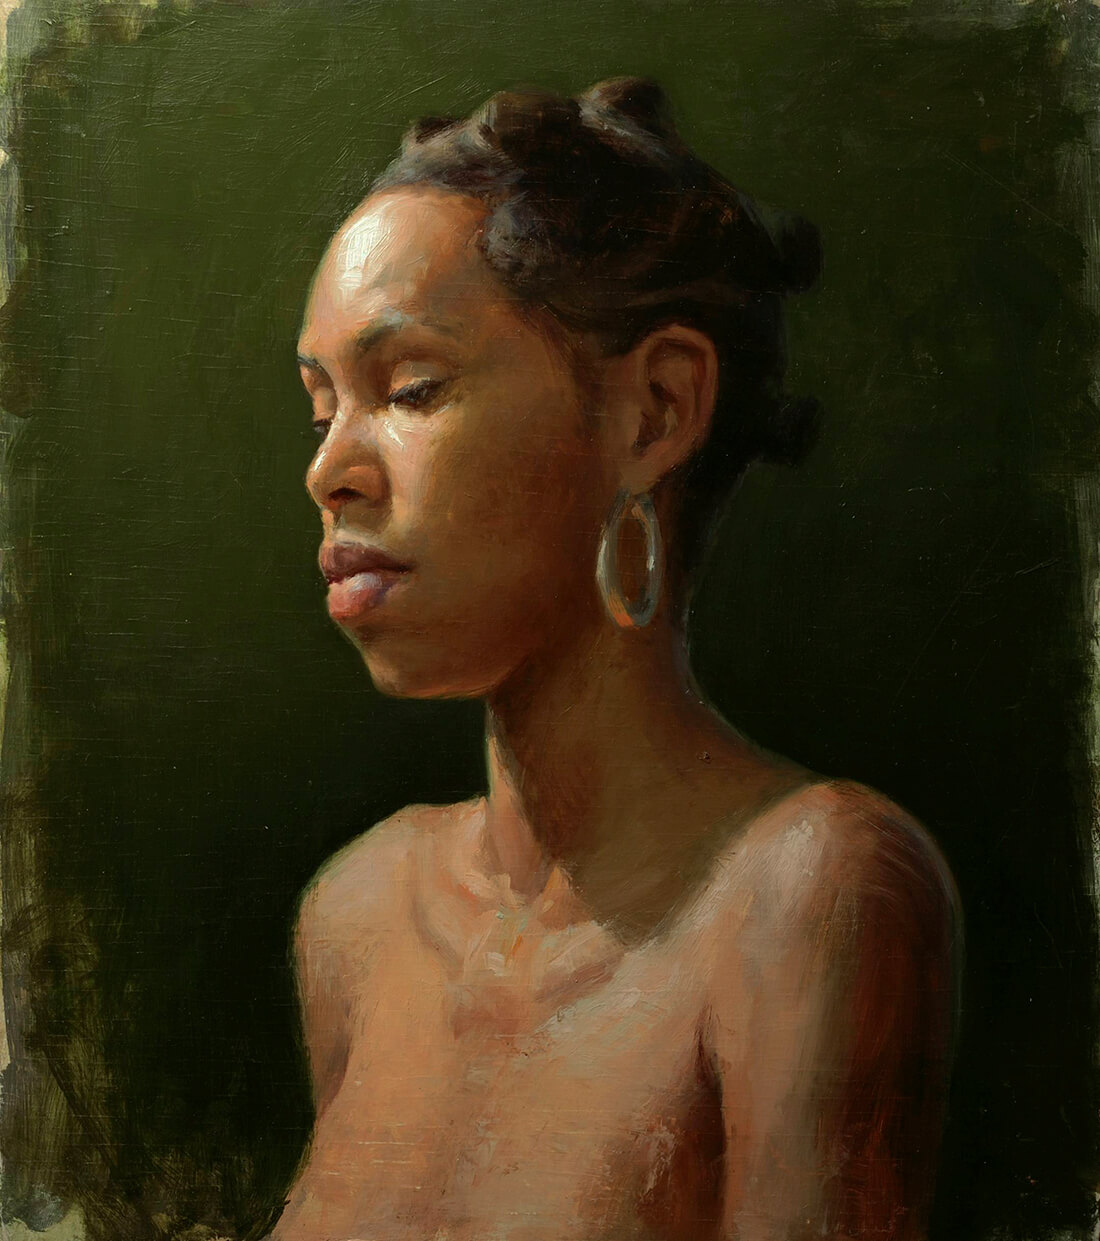 Pintura Retrato Óleo. Diego Catalán. Estudio Nigredo - Academia de Pintura y Dibujo